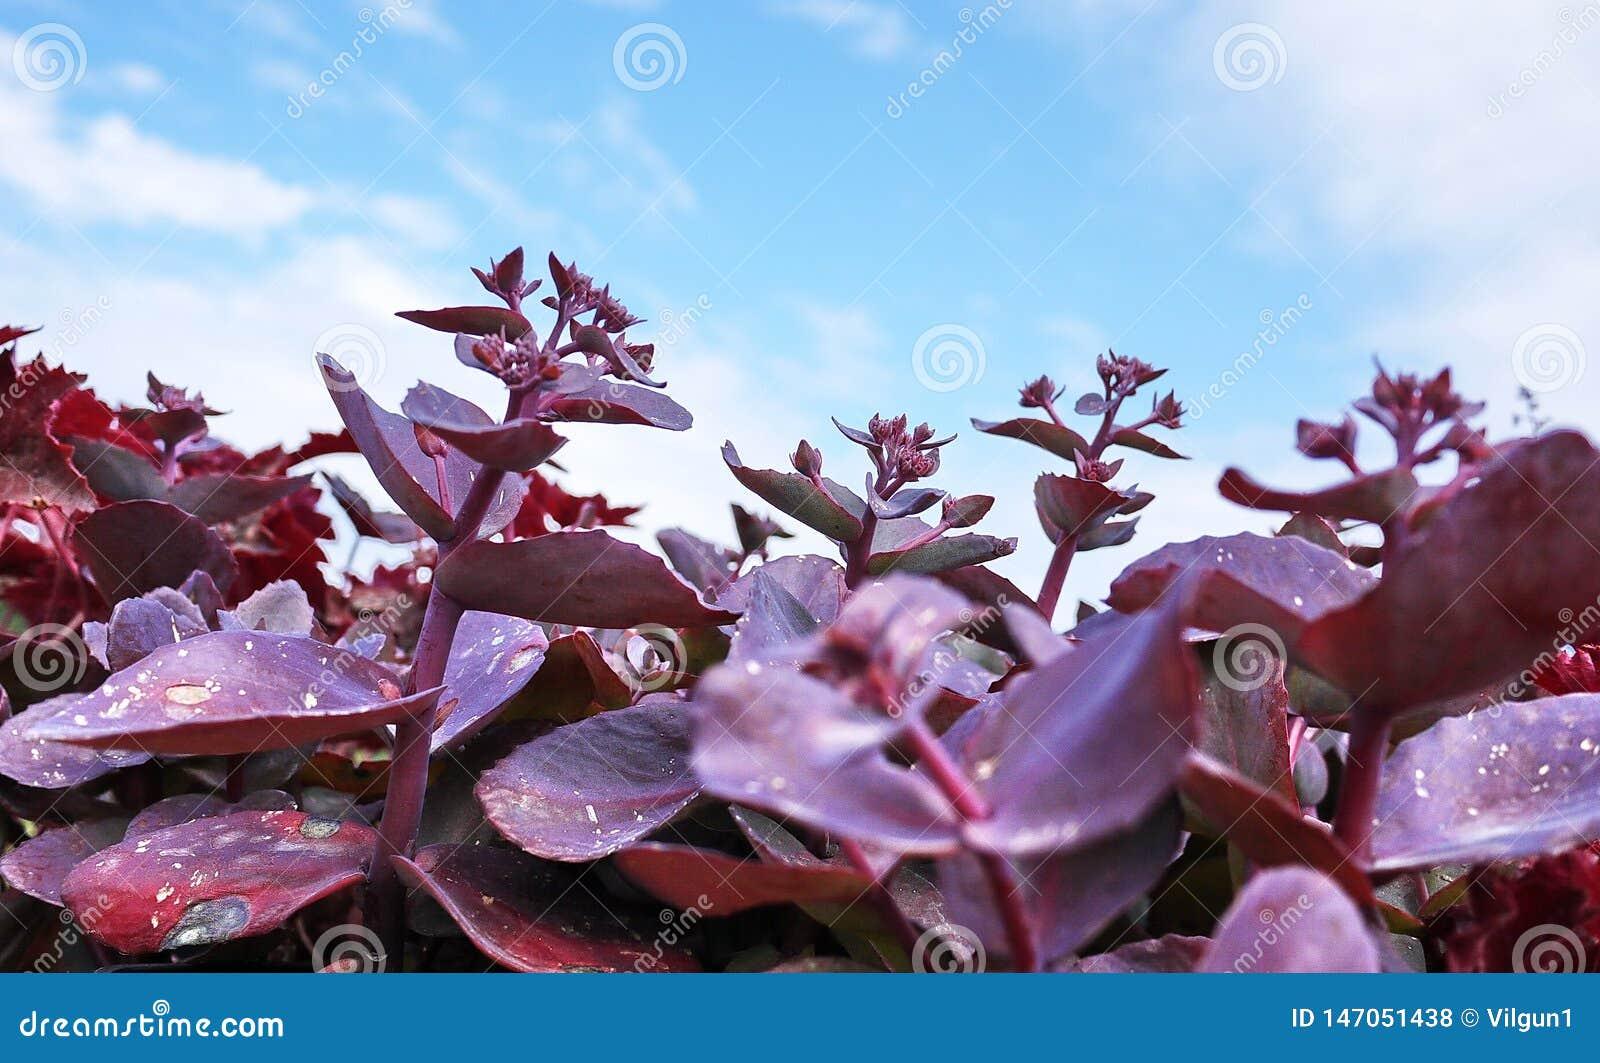 Garden Center para a venda das plantas Aqui voc? pode comprar muitas variedades de plantas verdes: v?rias flores, abeto, abeto ve